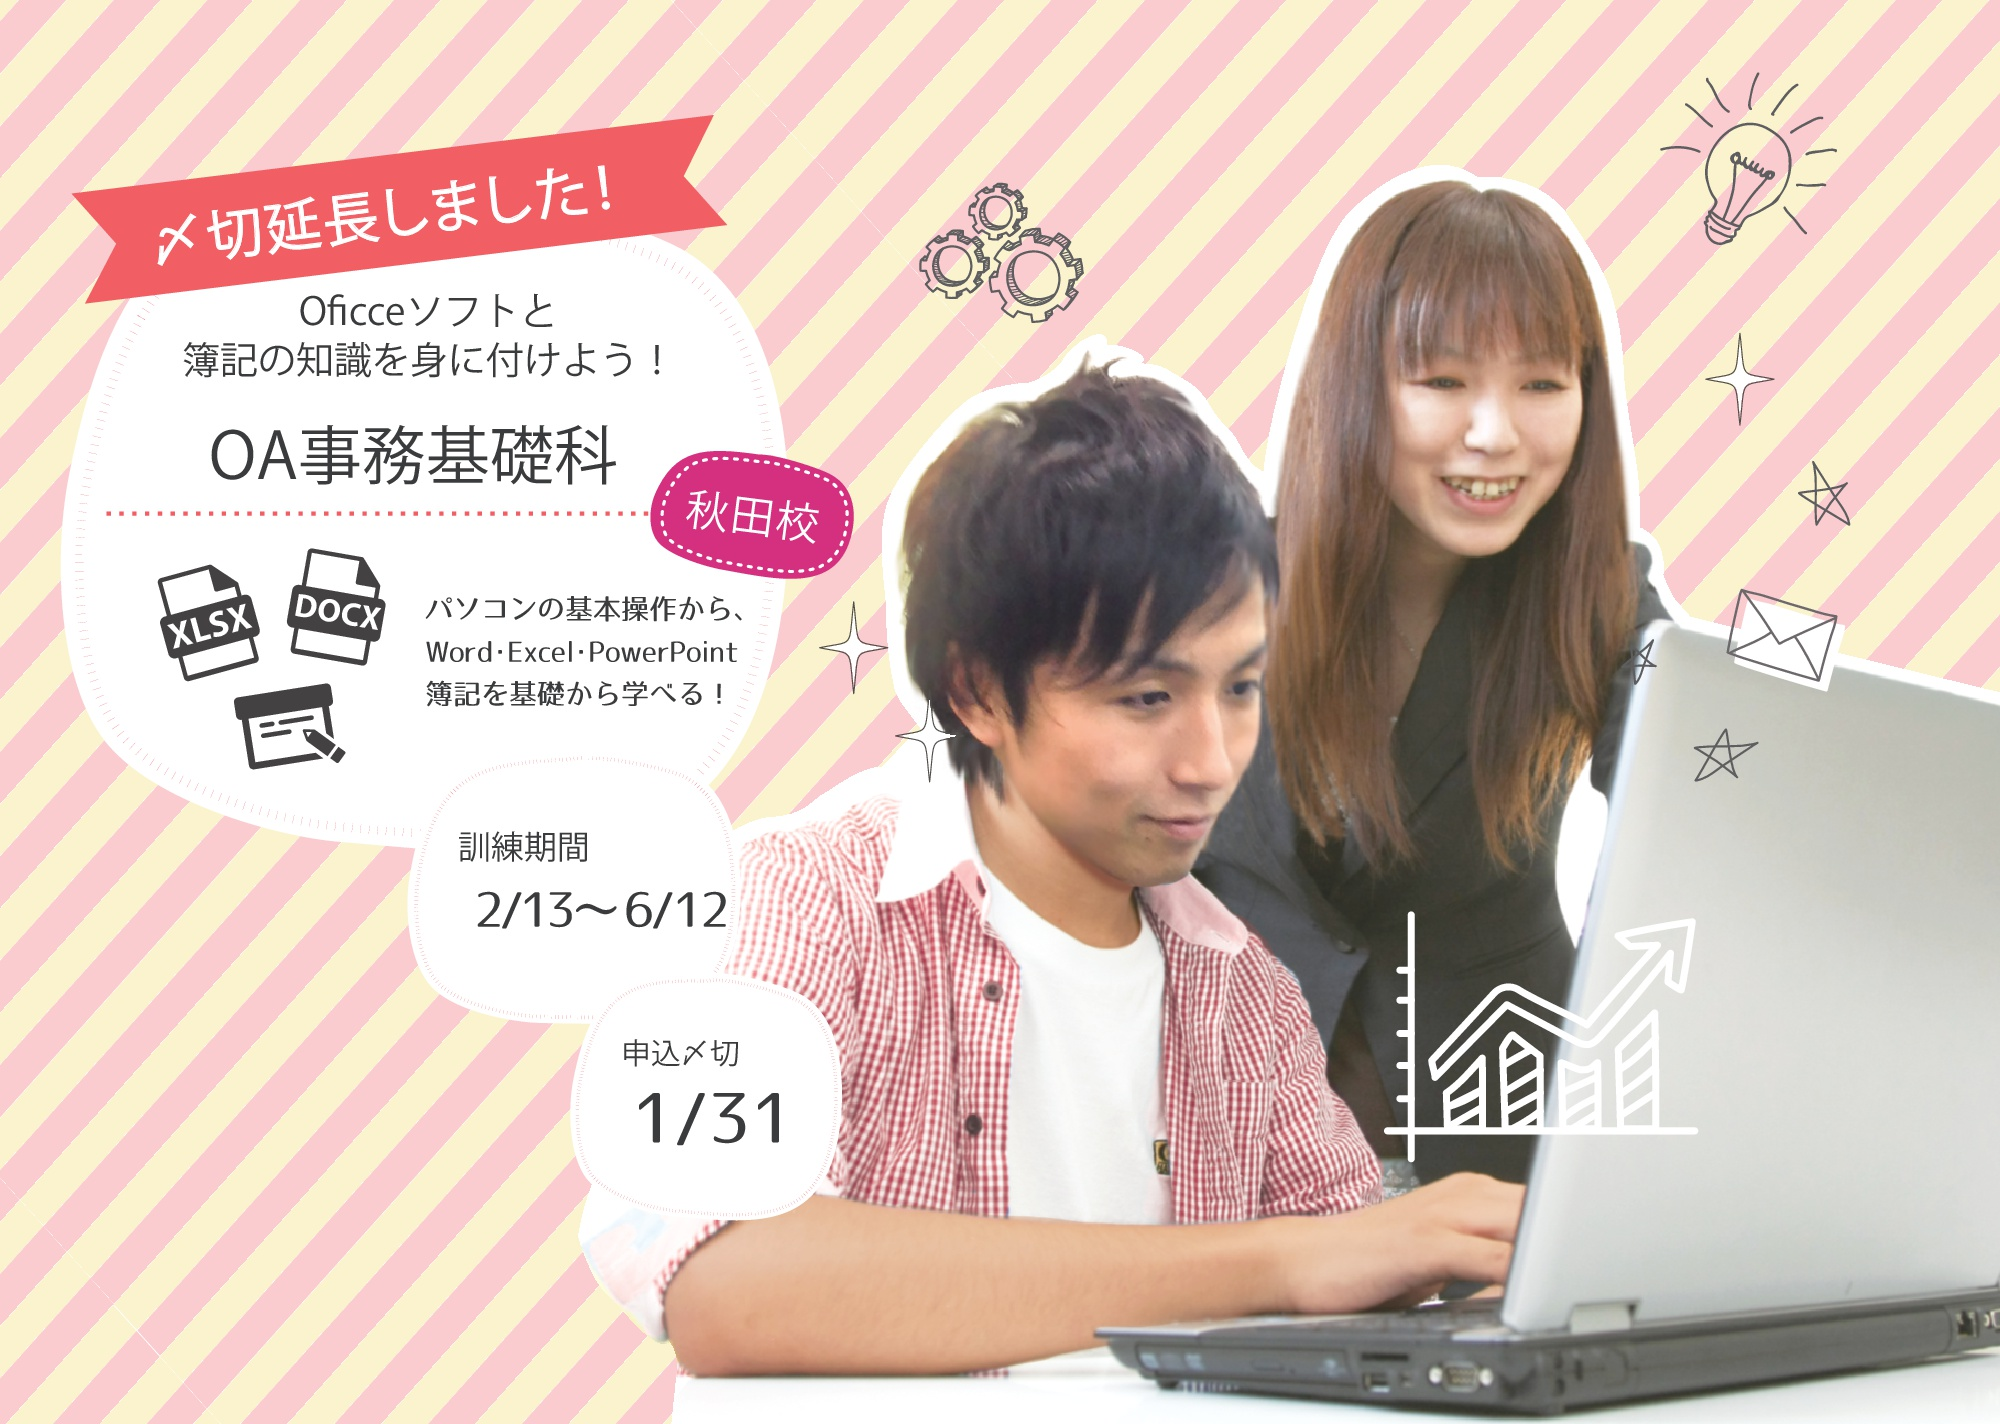 【秋田】OA事務基礎科【募集延長】